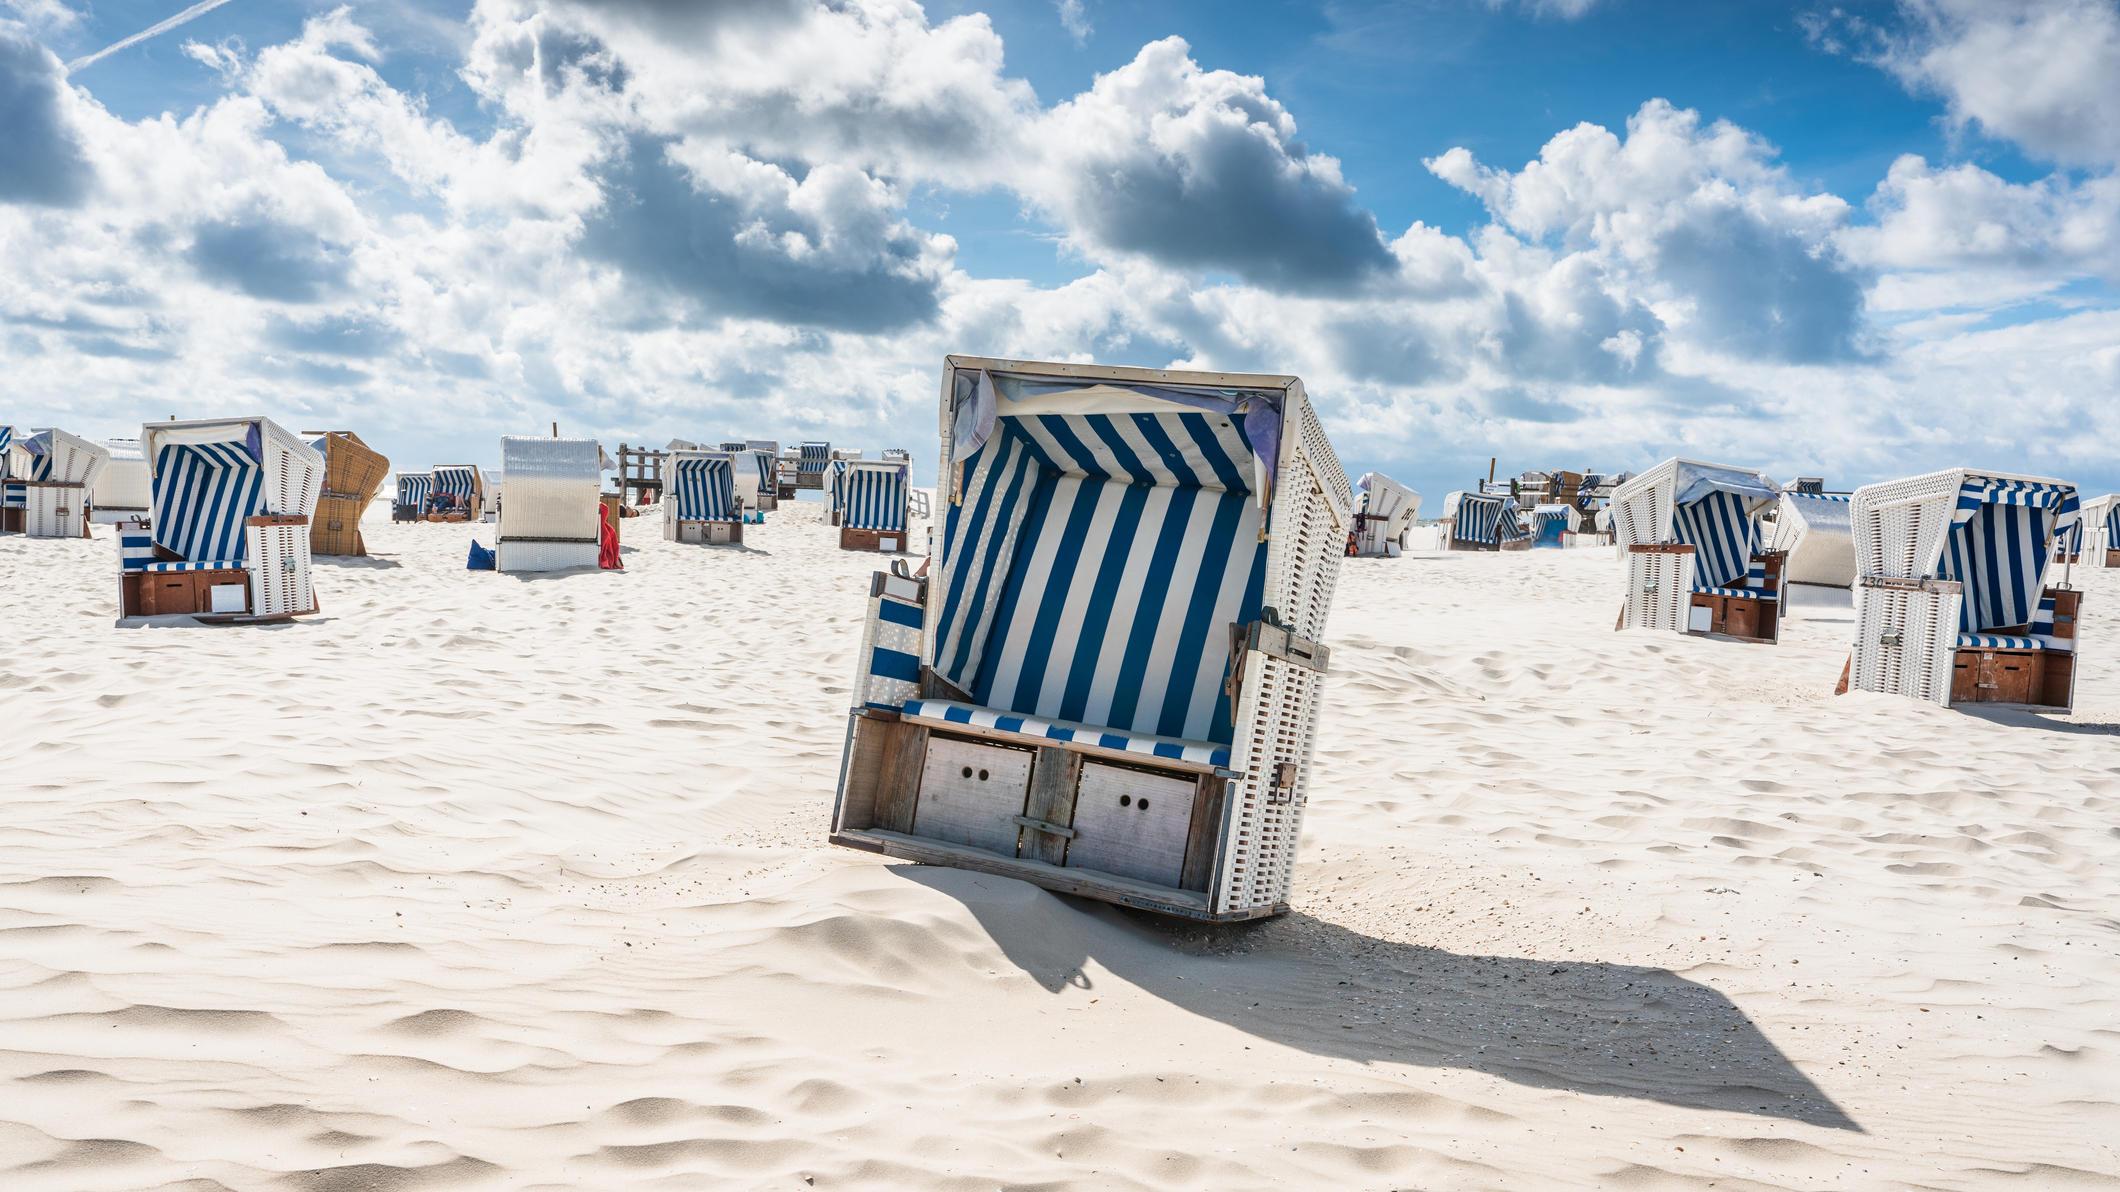 Urlaub trotz Corona - was geht in welchen Bundesländern?